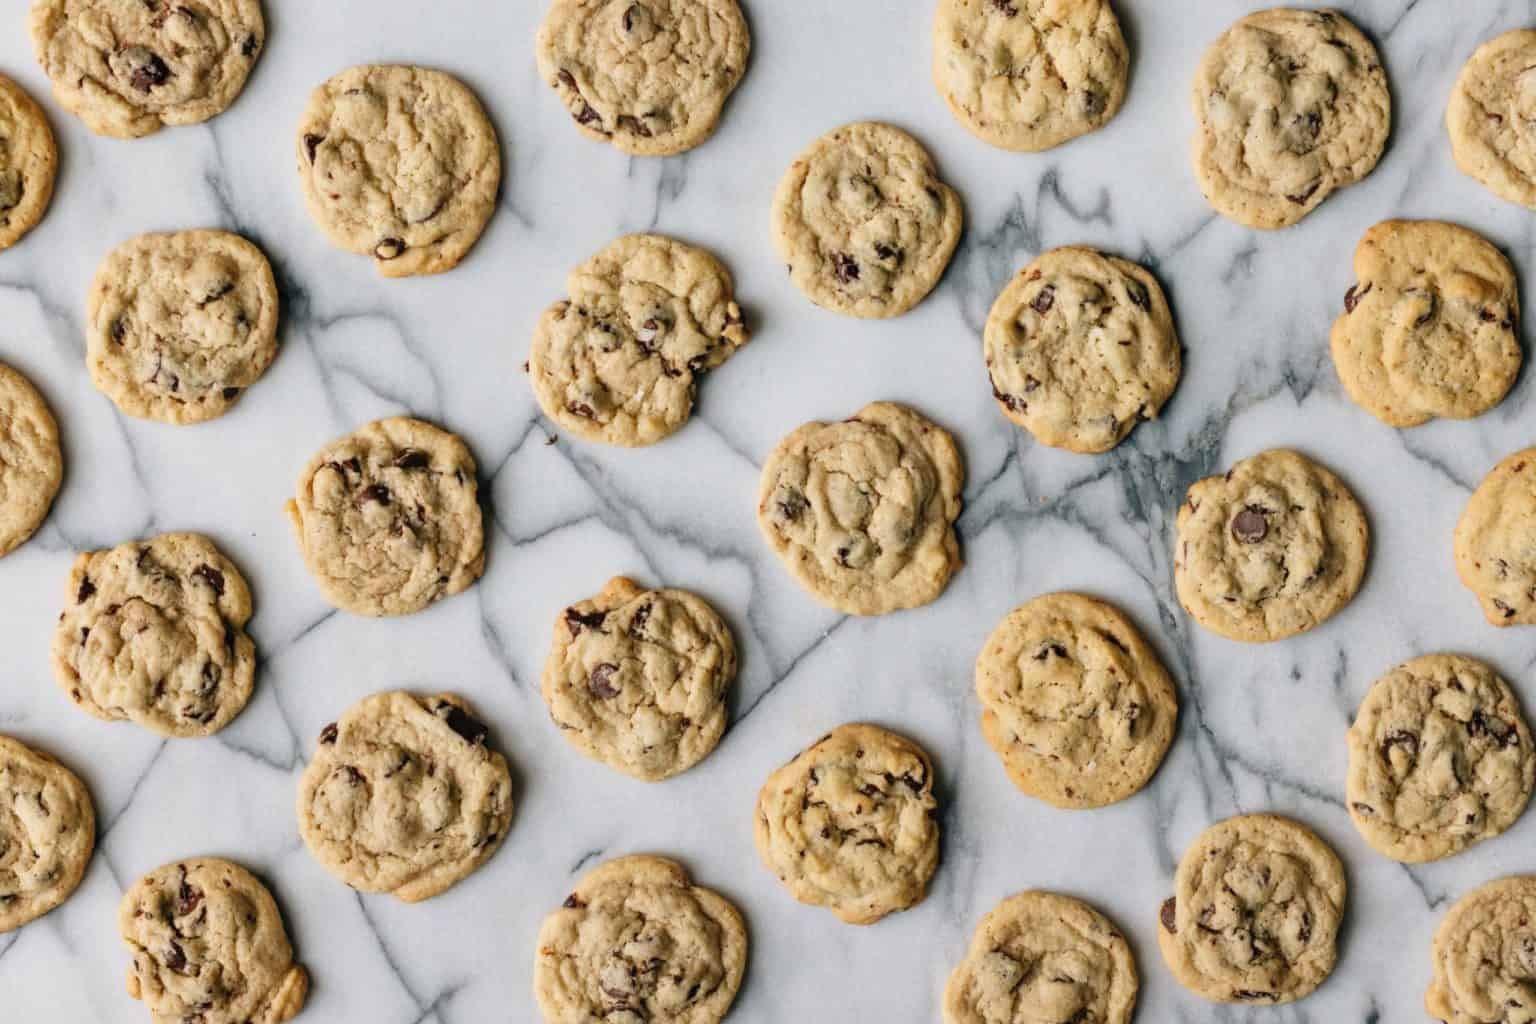 עוגיות דיאטטיות